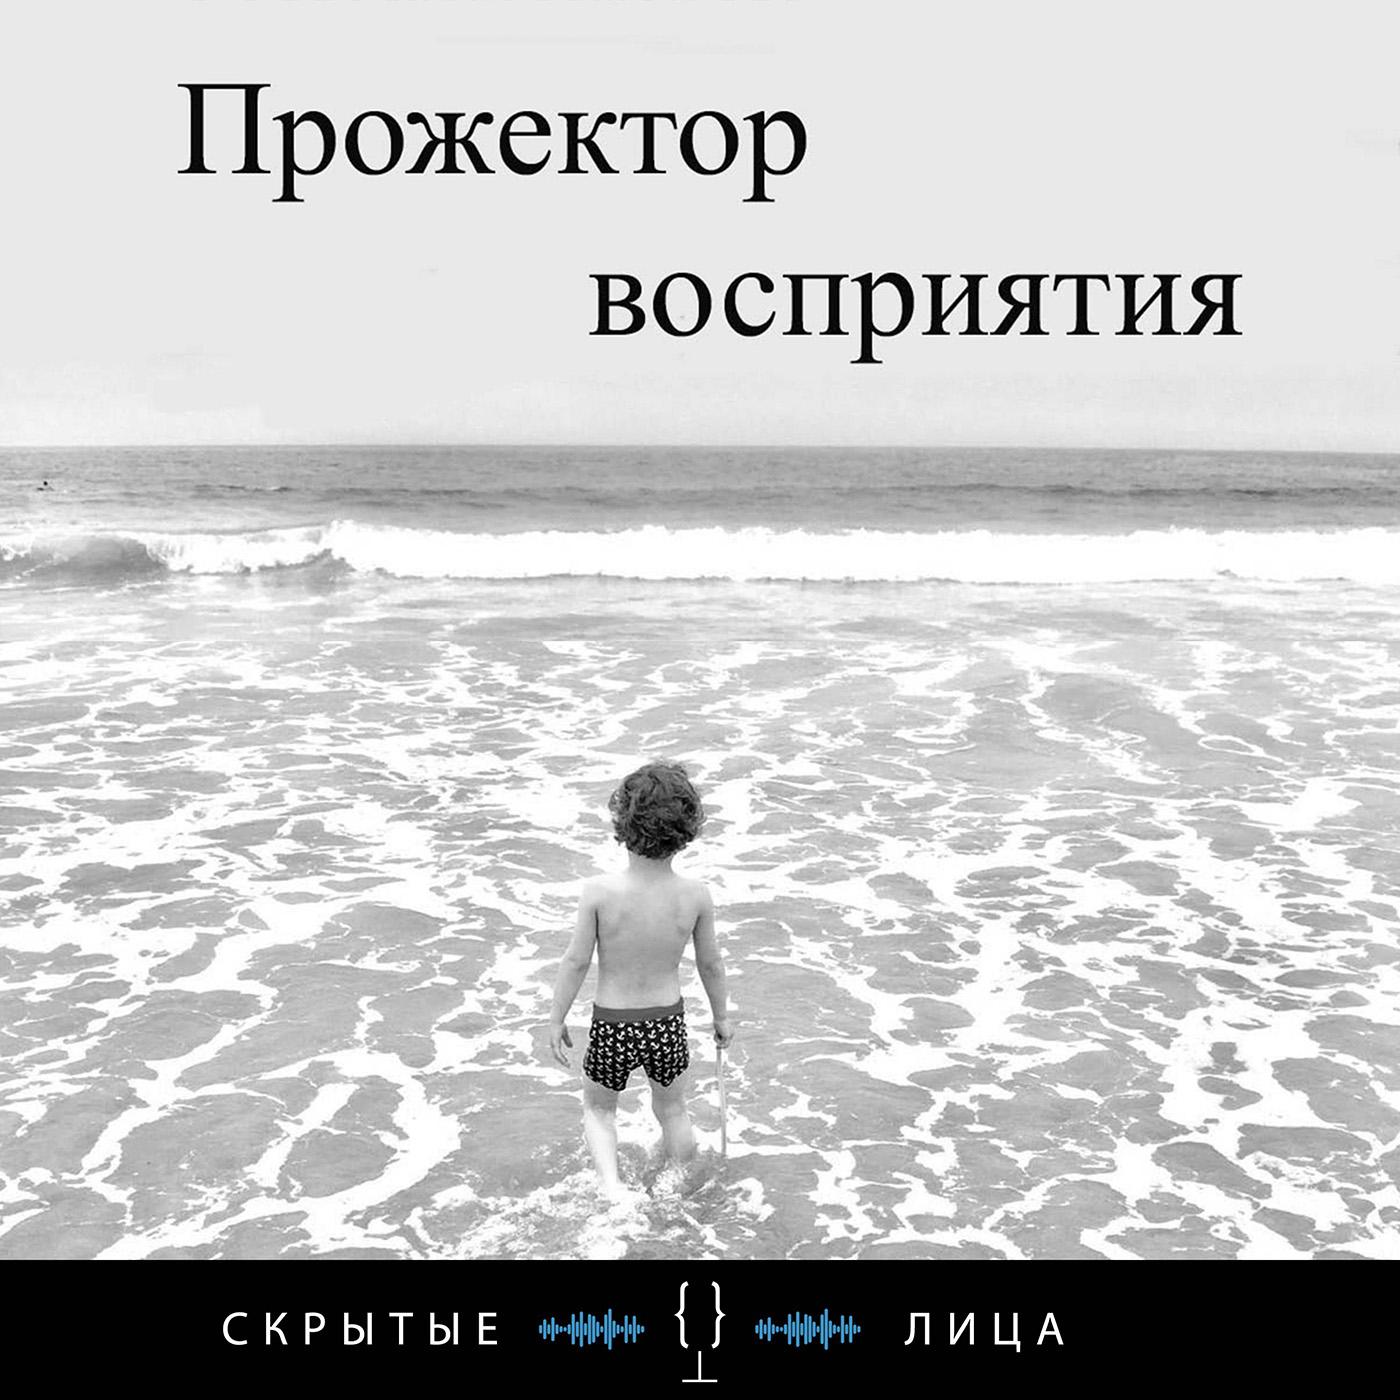 Владимир Марковский Перл Харбор Часть II лучшие музыкальные клипы хиты 2006 часть 2 выпуск 7